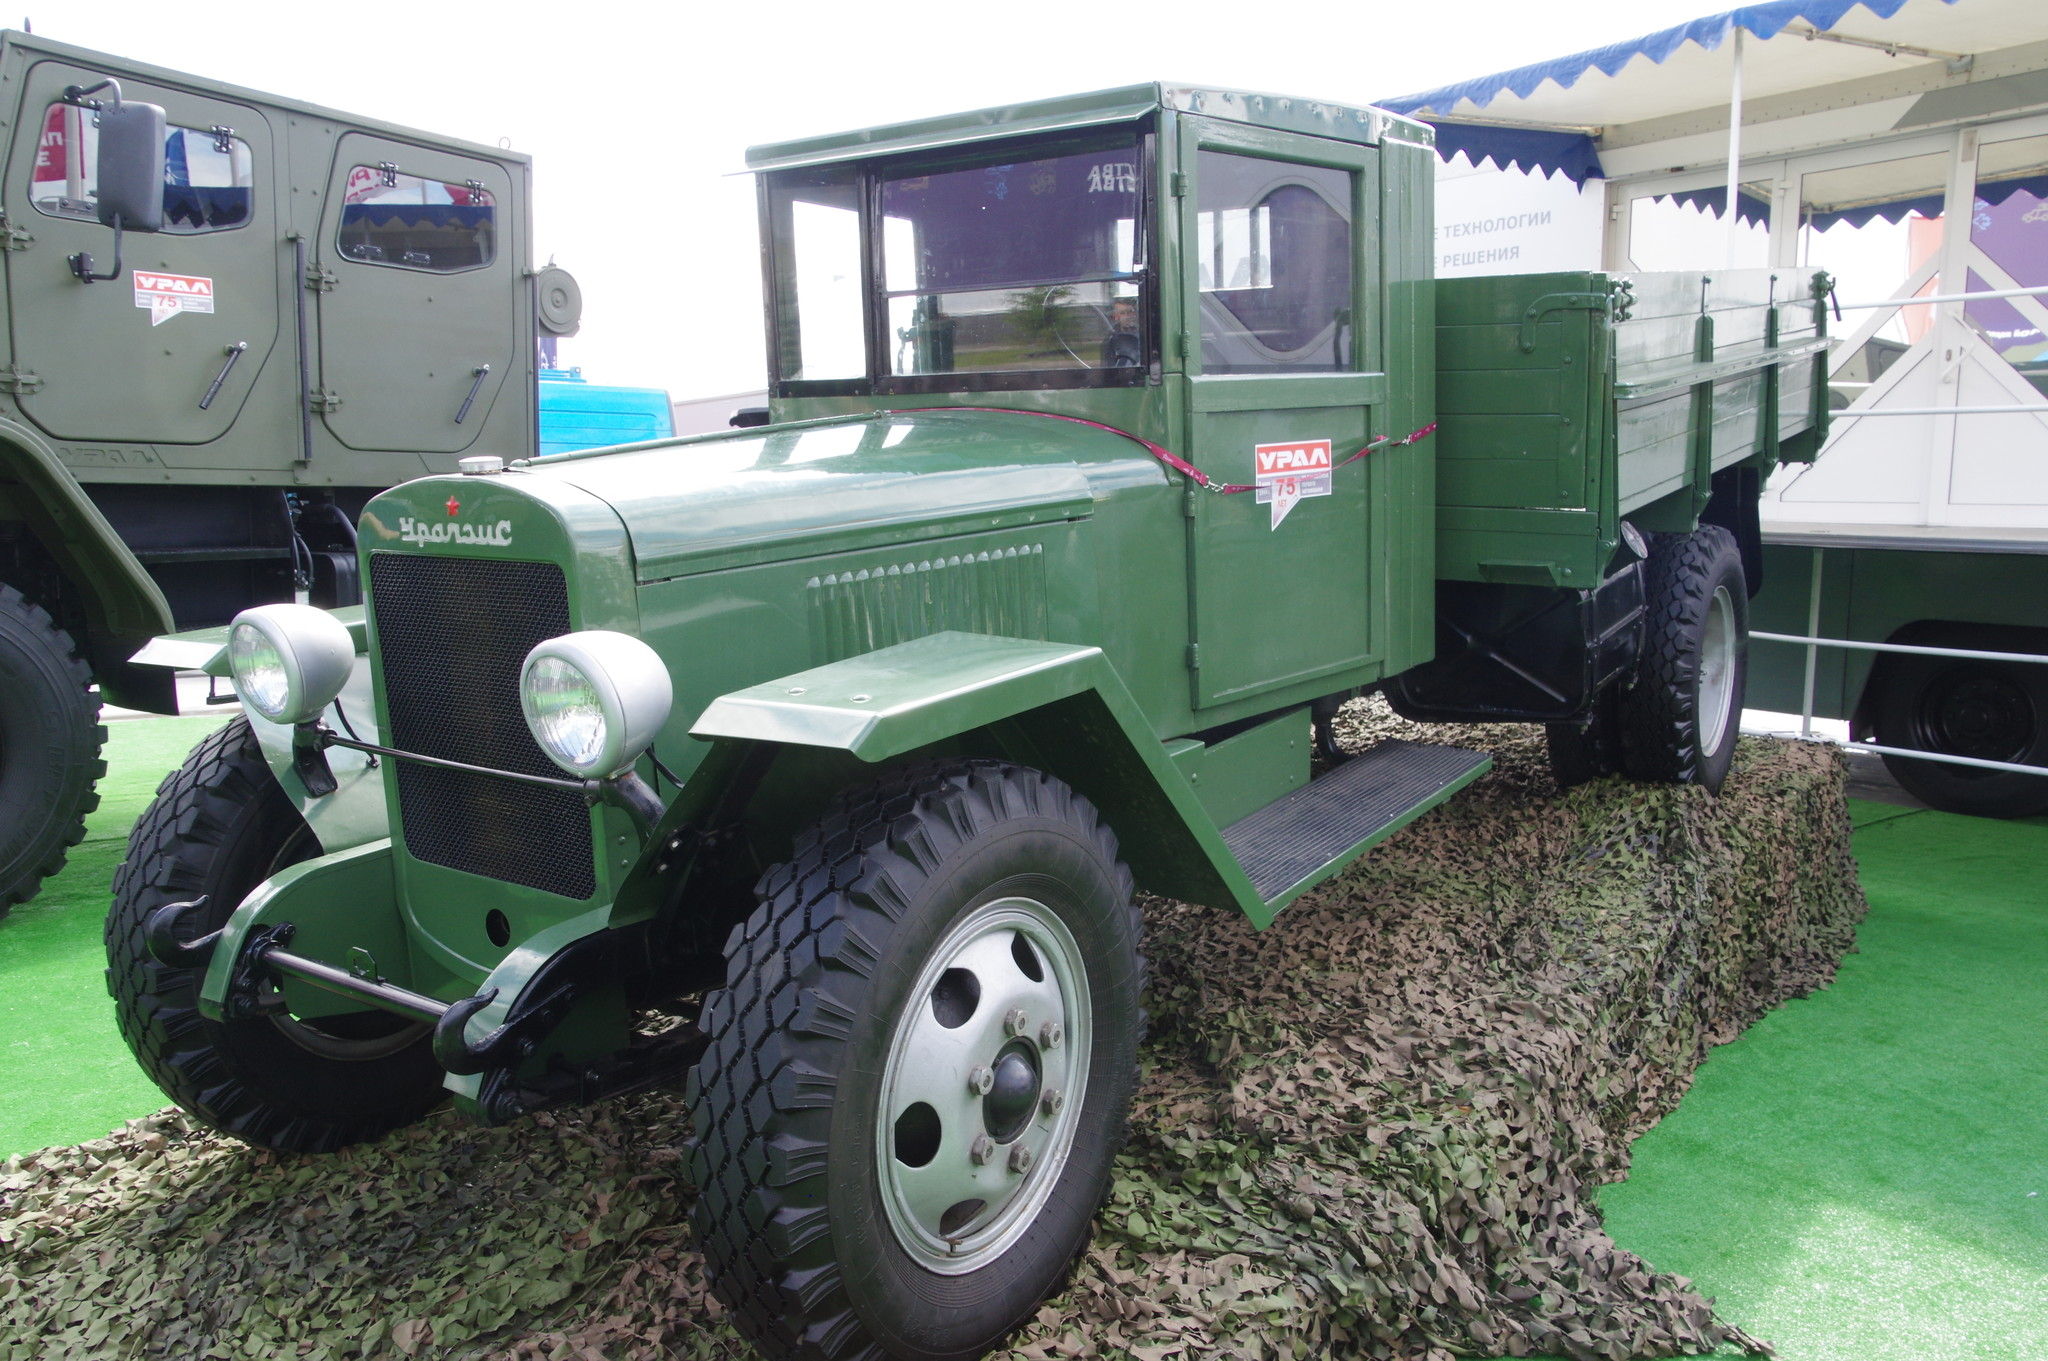 Грузовой автомобиль УралЗис-5 выпускался на заводе УралЗИС в 1944-1947 годах (8,5 тысяч в годы Великой Отечественной войны)